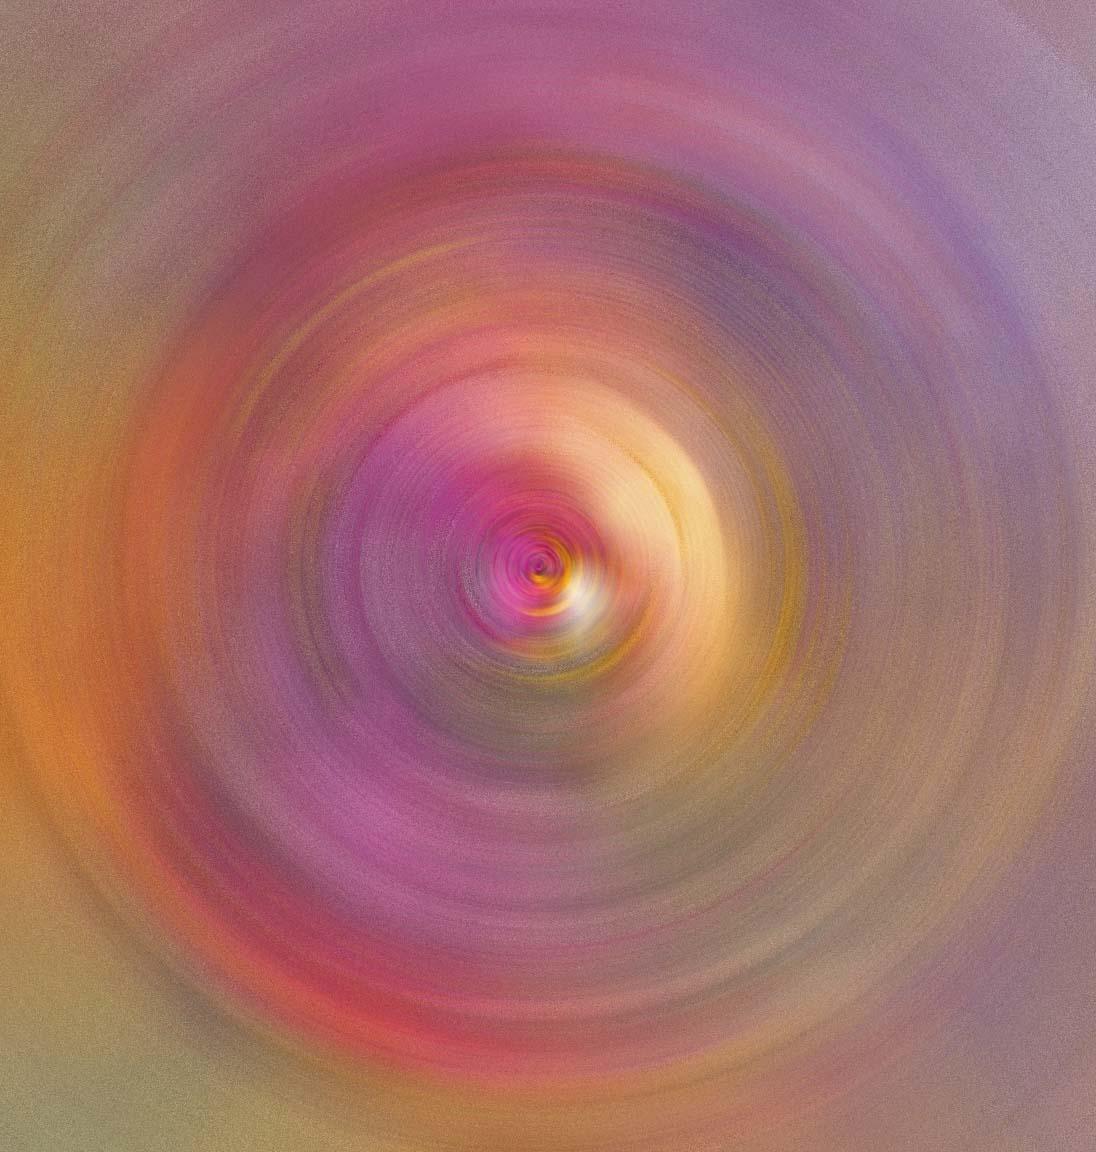 http://4.bp.blogspot.com/-x-9bo6WtBMY/T-WjSNV7evI/AAAAAAAAJzI/gVrn6AZi1UQ/s1600/Applique+radial+blur+filter.jpg